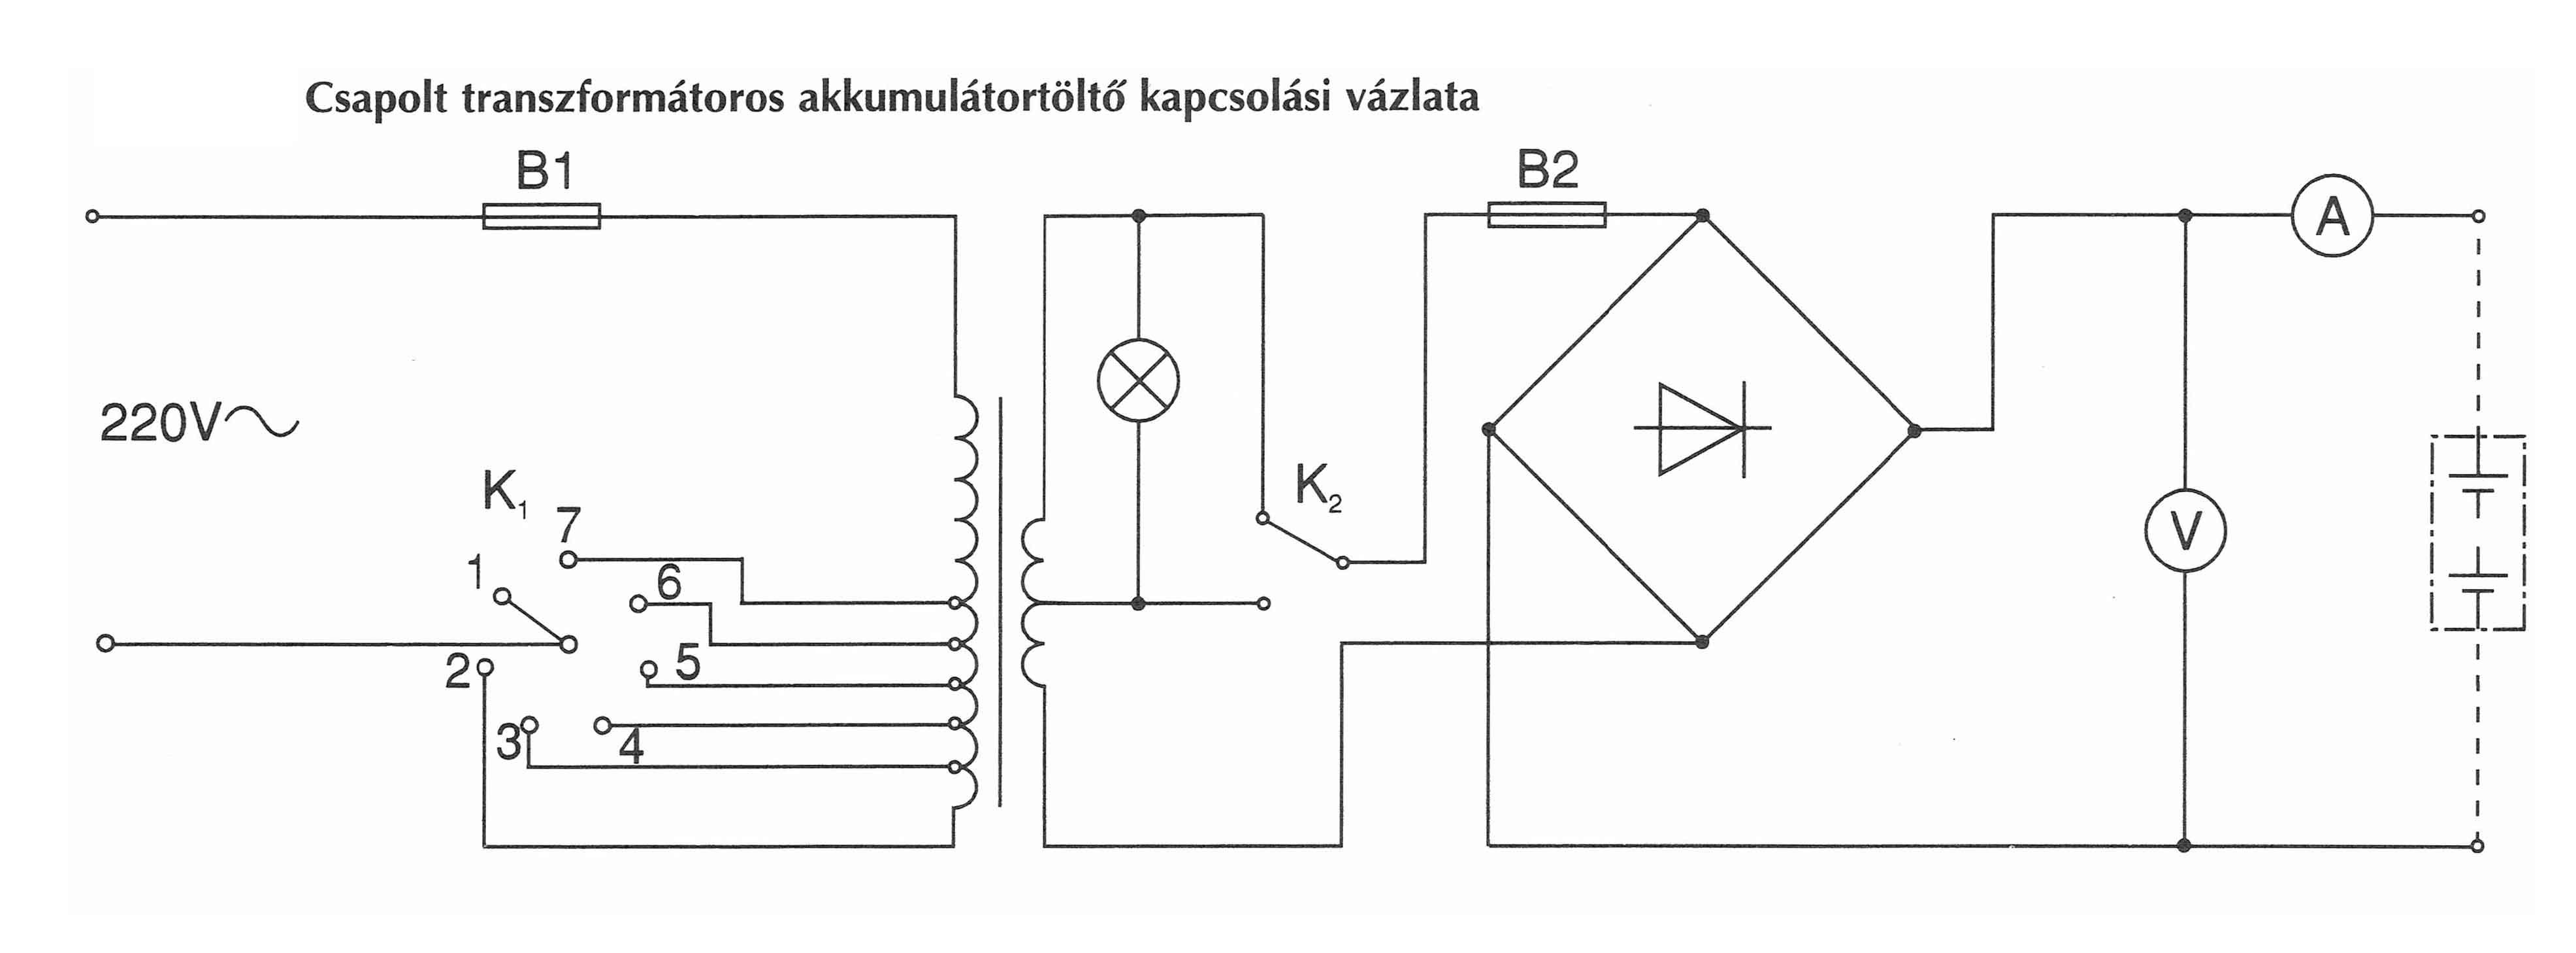 Csapolt transzformátoros akkumulátor töltő kapcsolási ábra